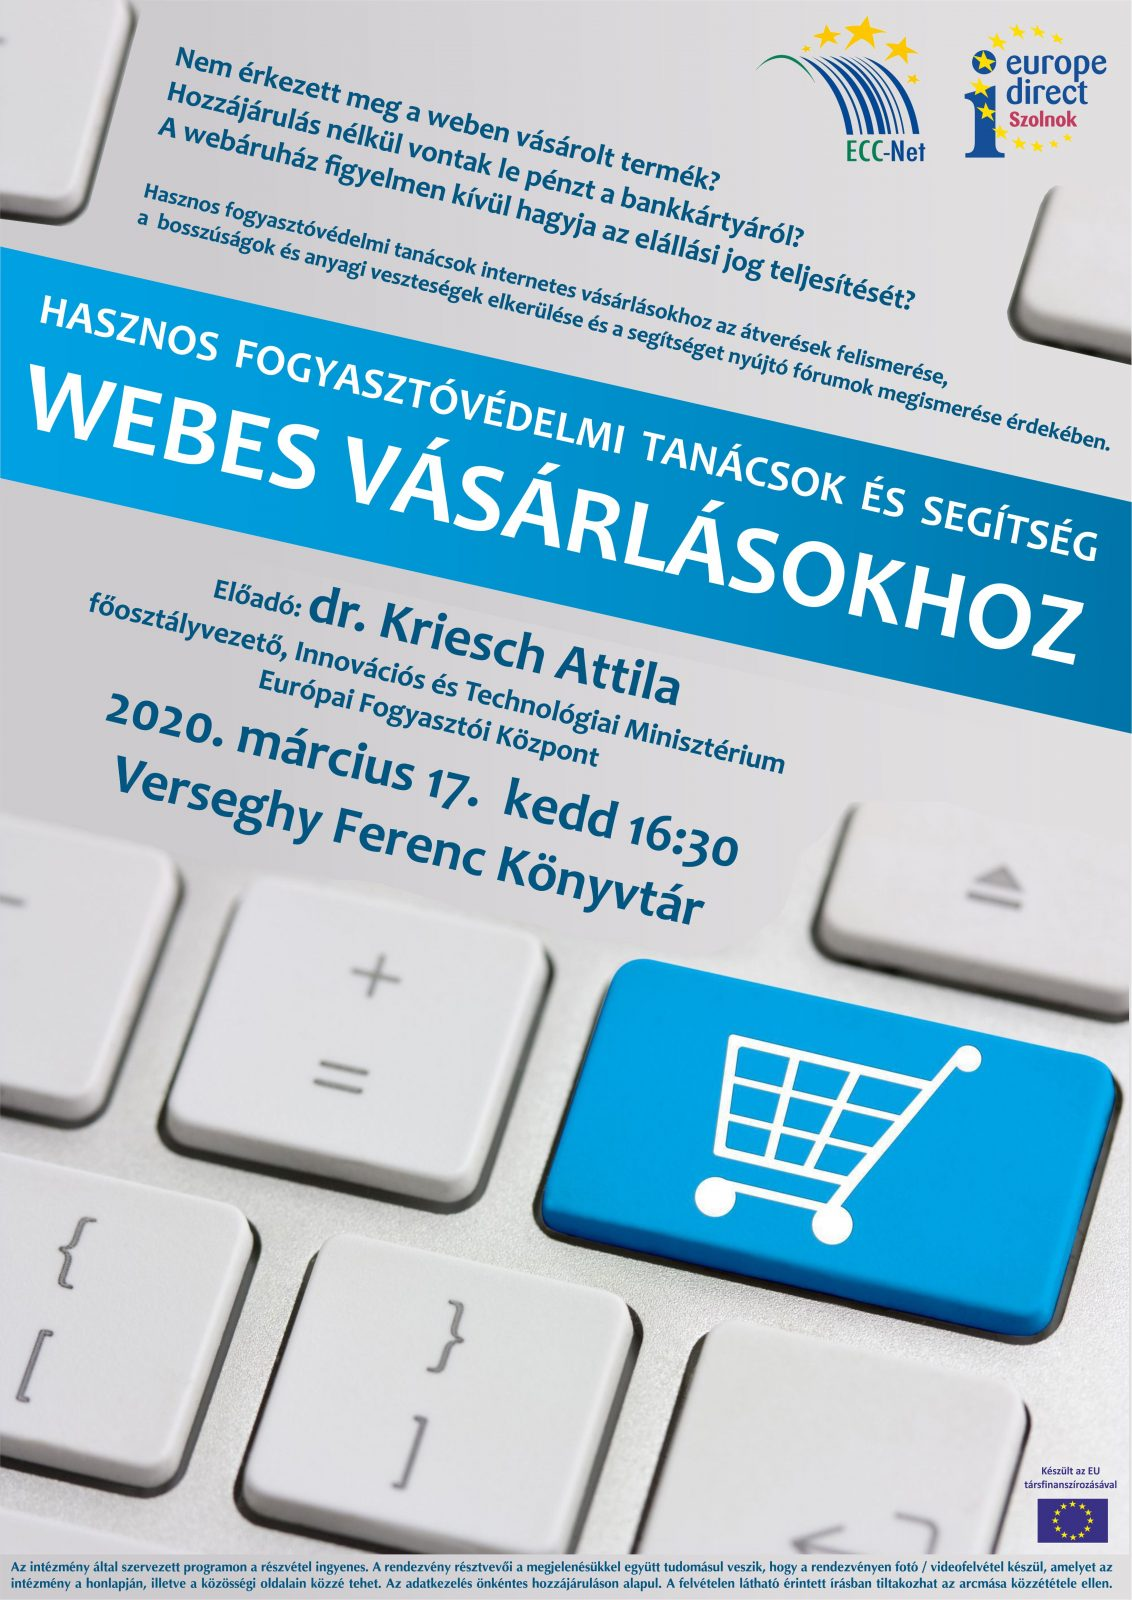 2020.03.17. Webes Vásárlás. Kriesch. Plakát